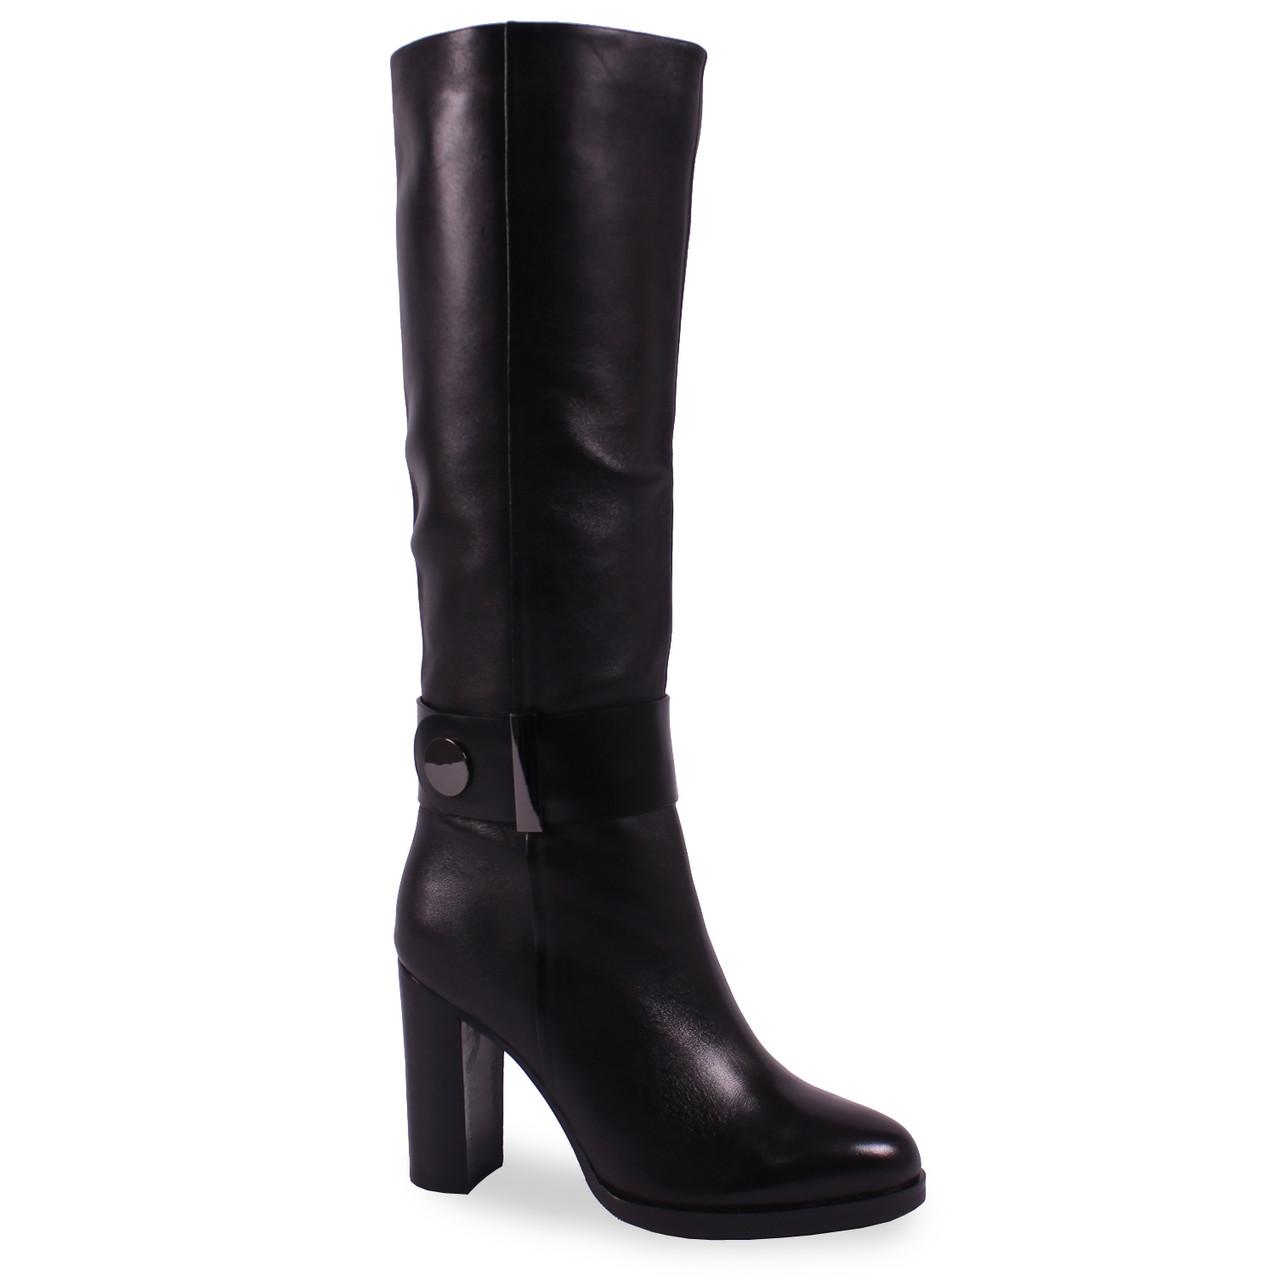 Стильные женские сапоги Djovannia (кожаные, зимние, черные, на каблуке, есть резинка, есть замок, пряжка)